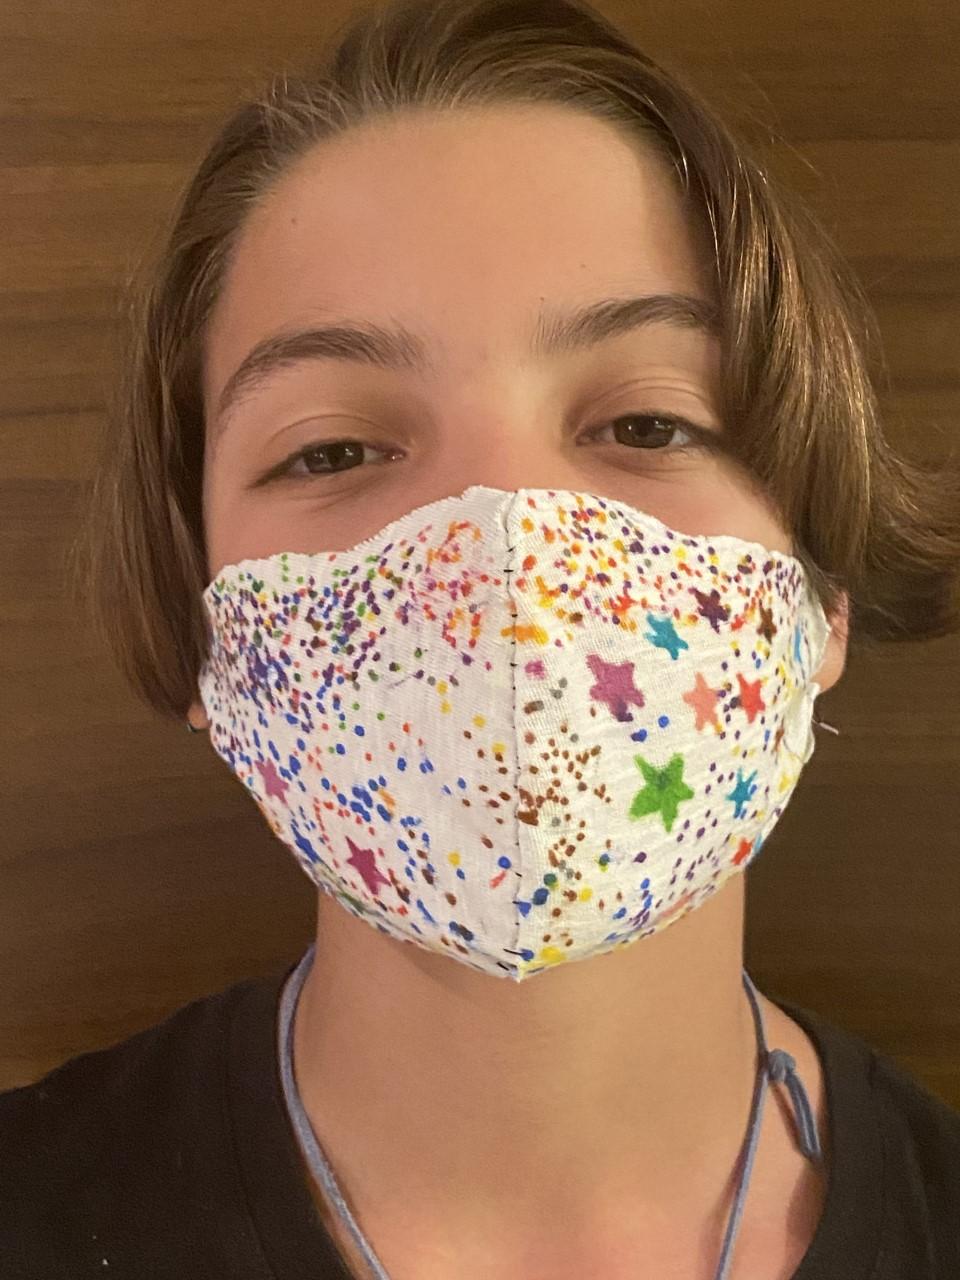 Projet de fabrication de masques en Arts plastiques : « Un masque qui te révèle autant qu'il te protège »-20